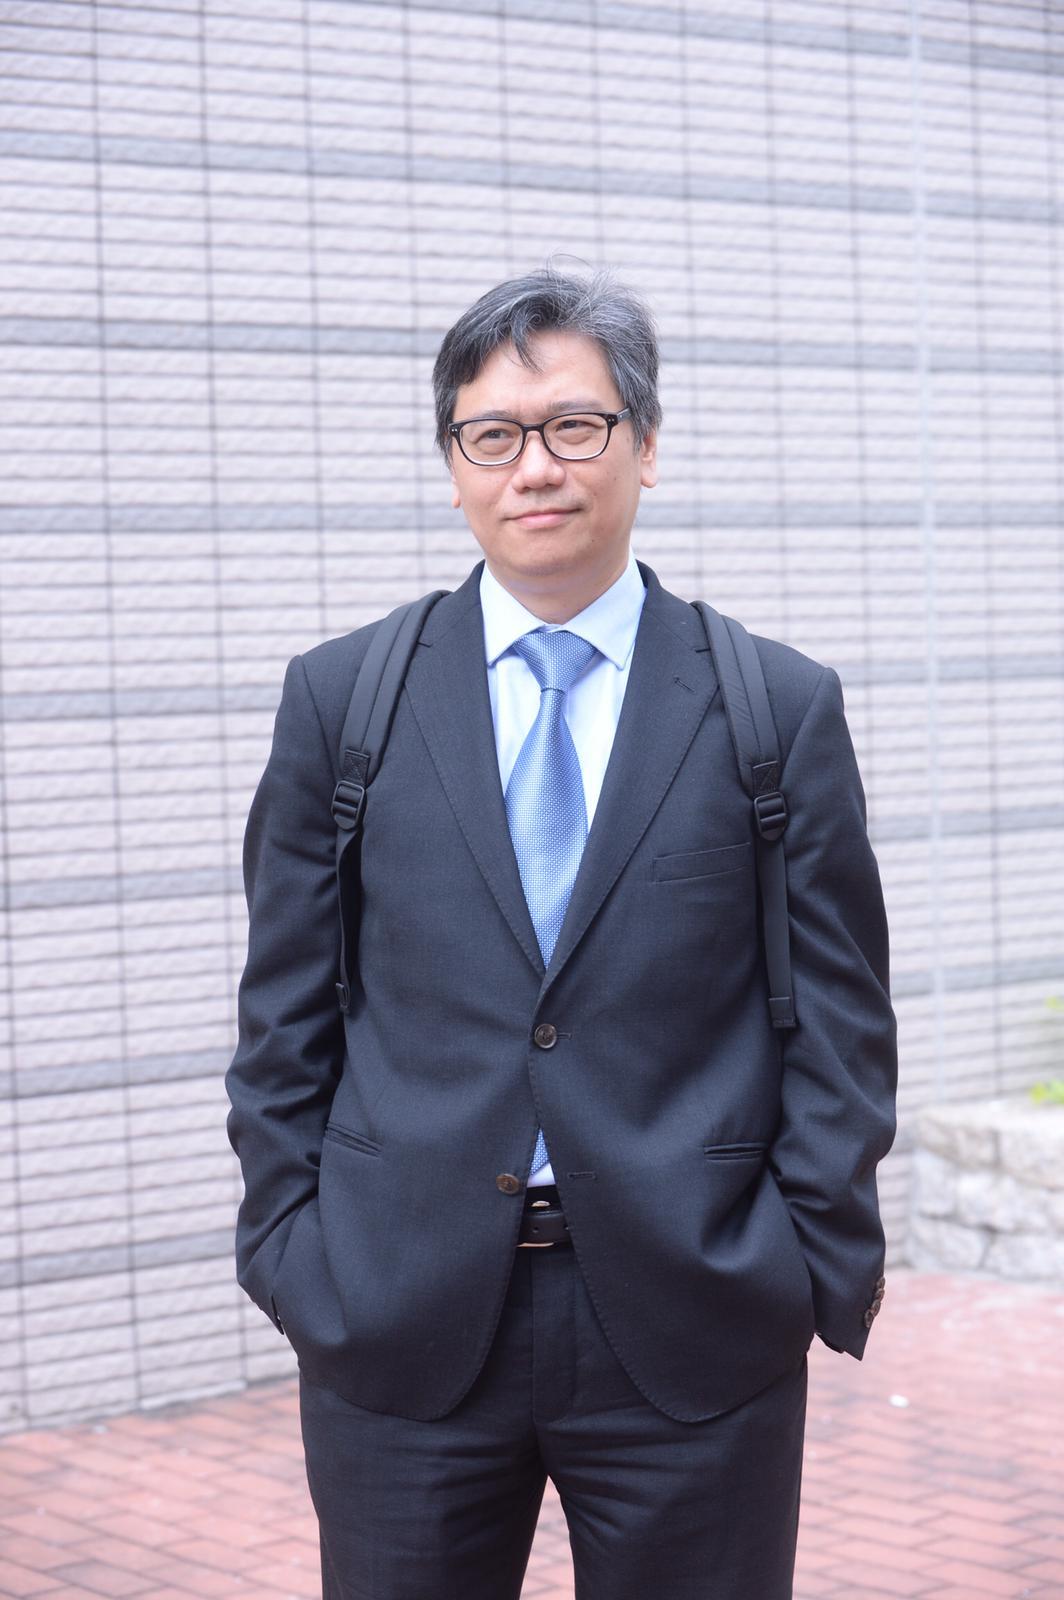 法醫病理學專家賴世澤醫生。